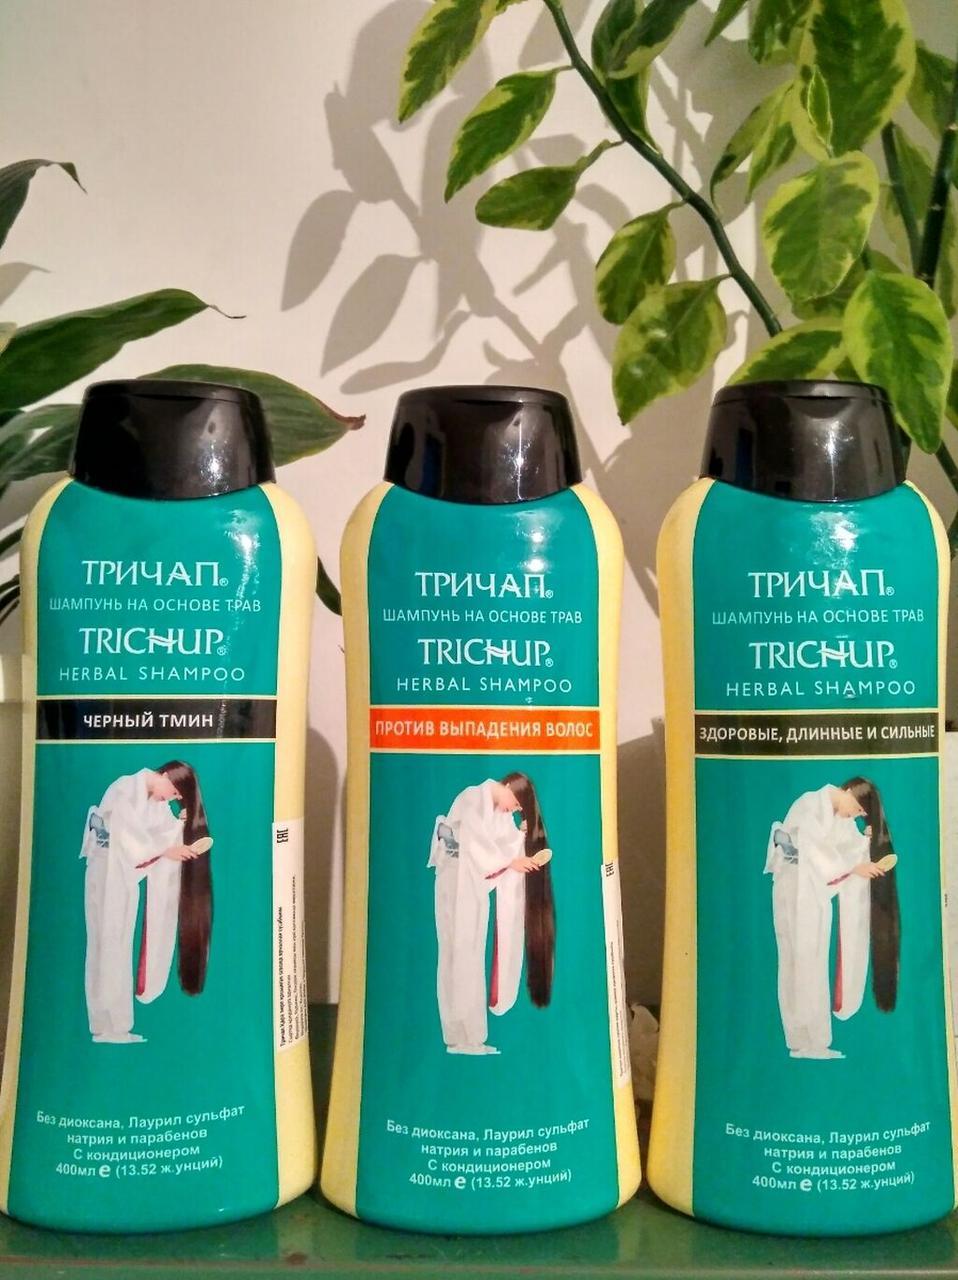 Шампунь Trichup для роста волос